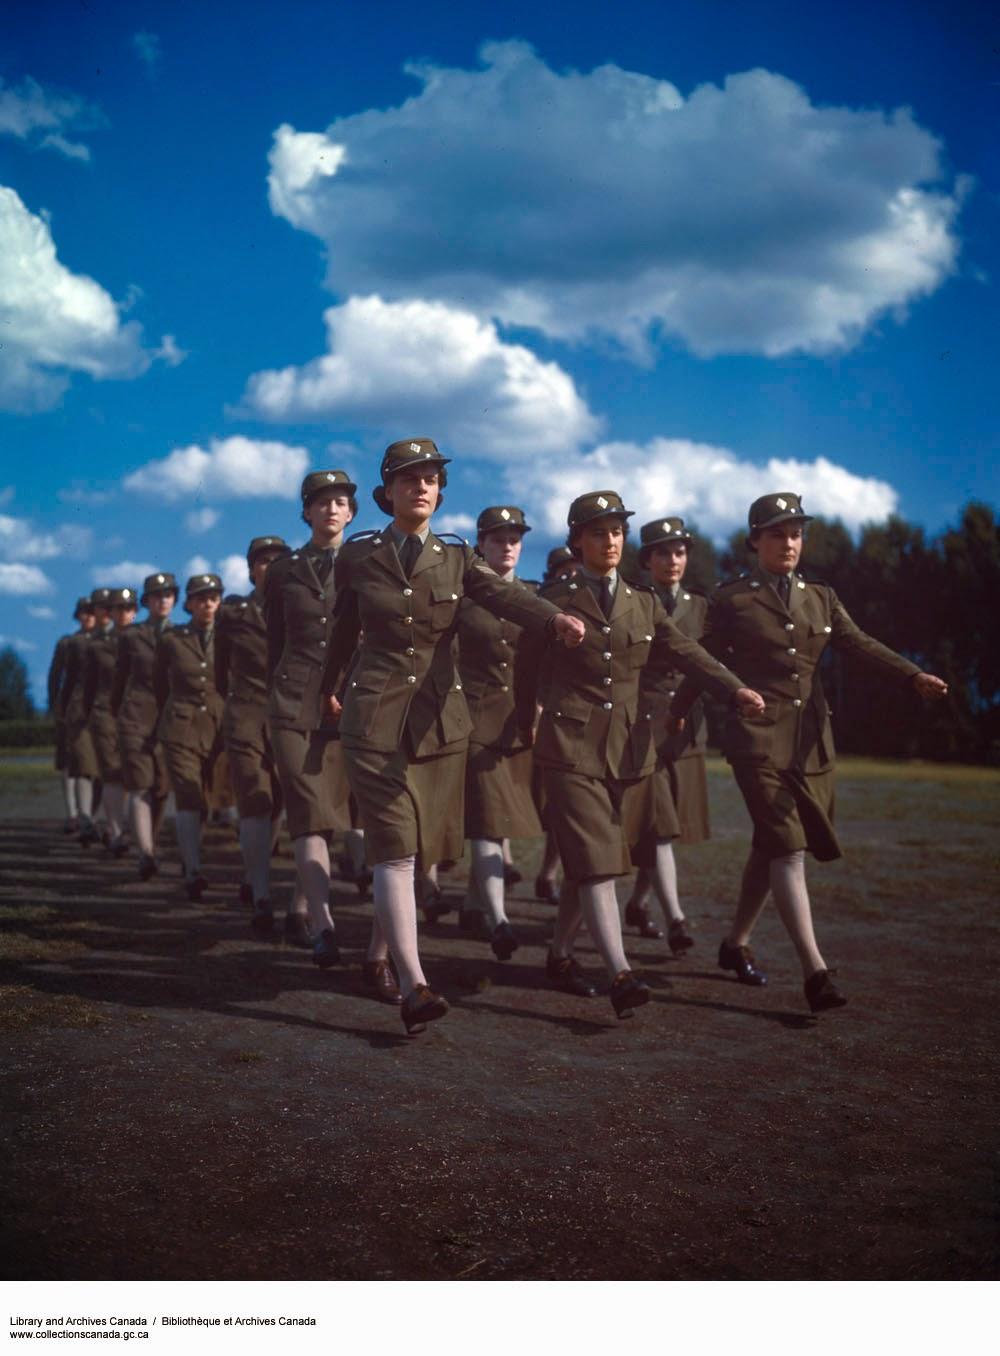 Canadian army uniform ww2